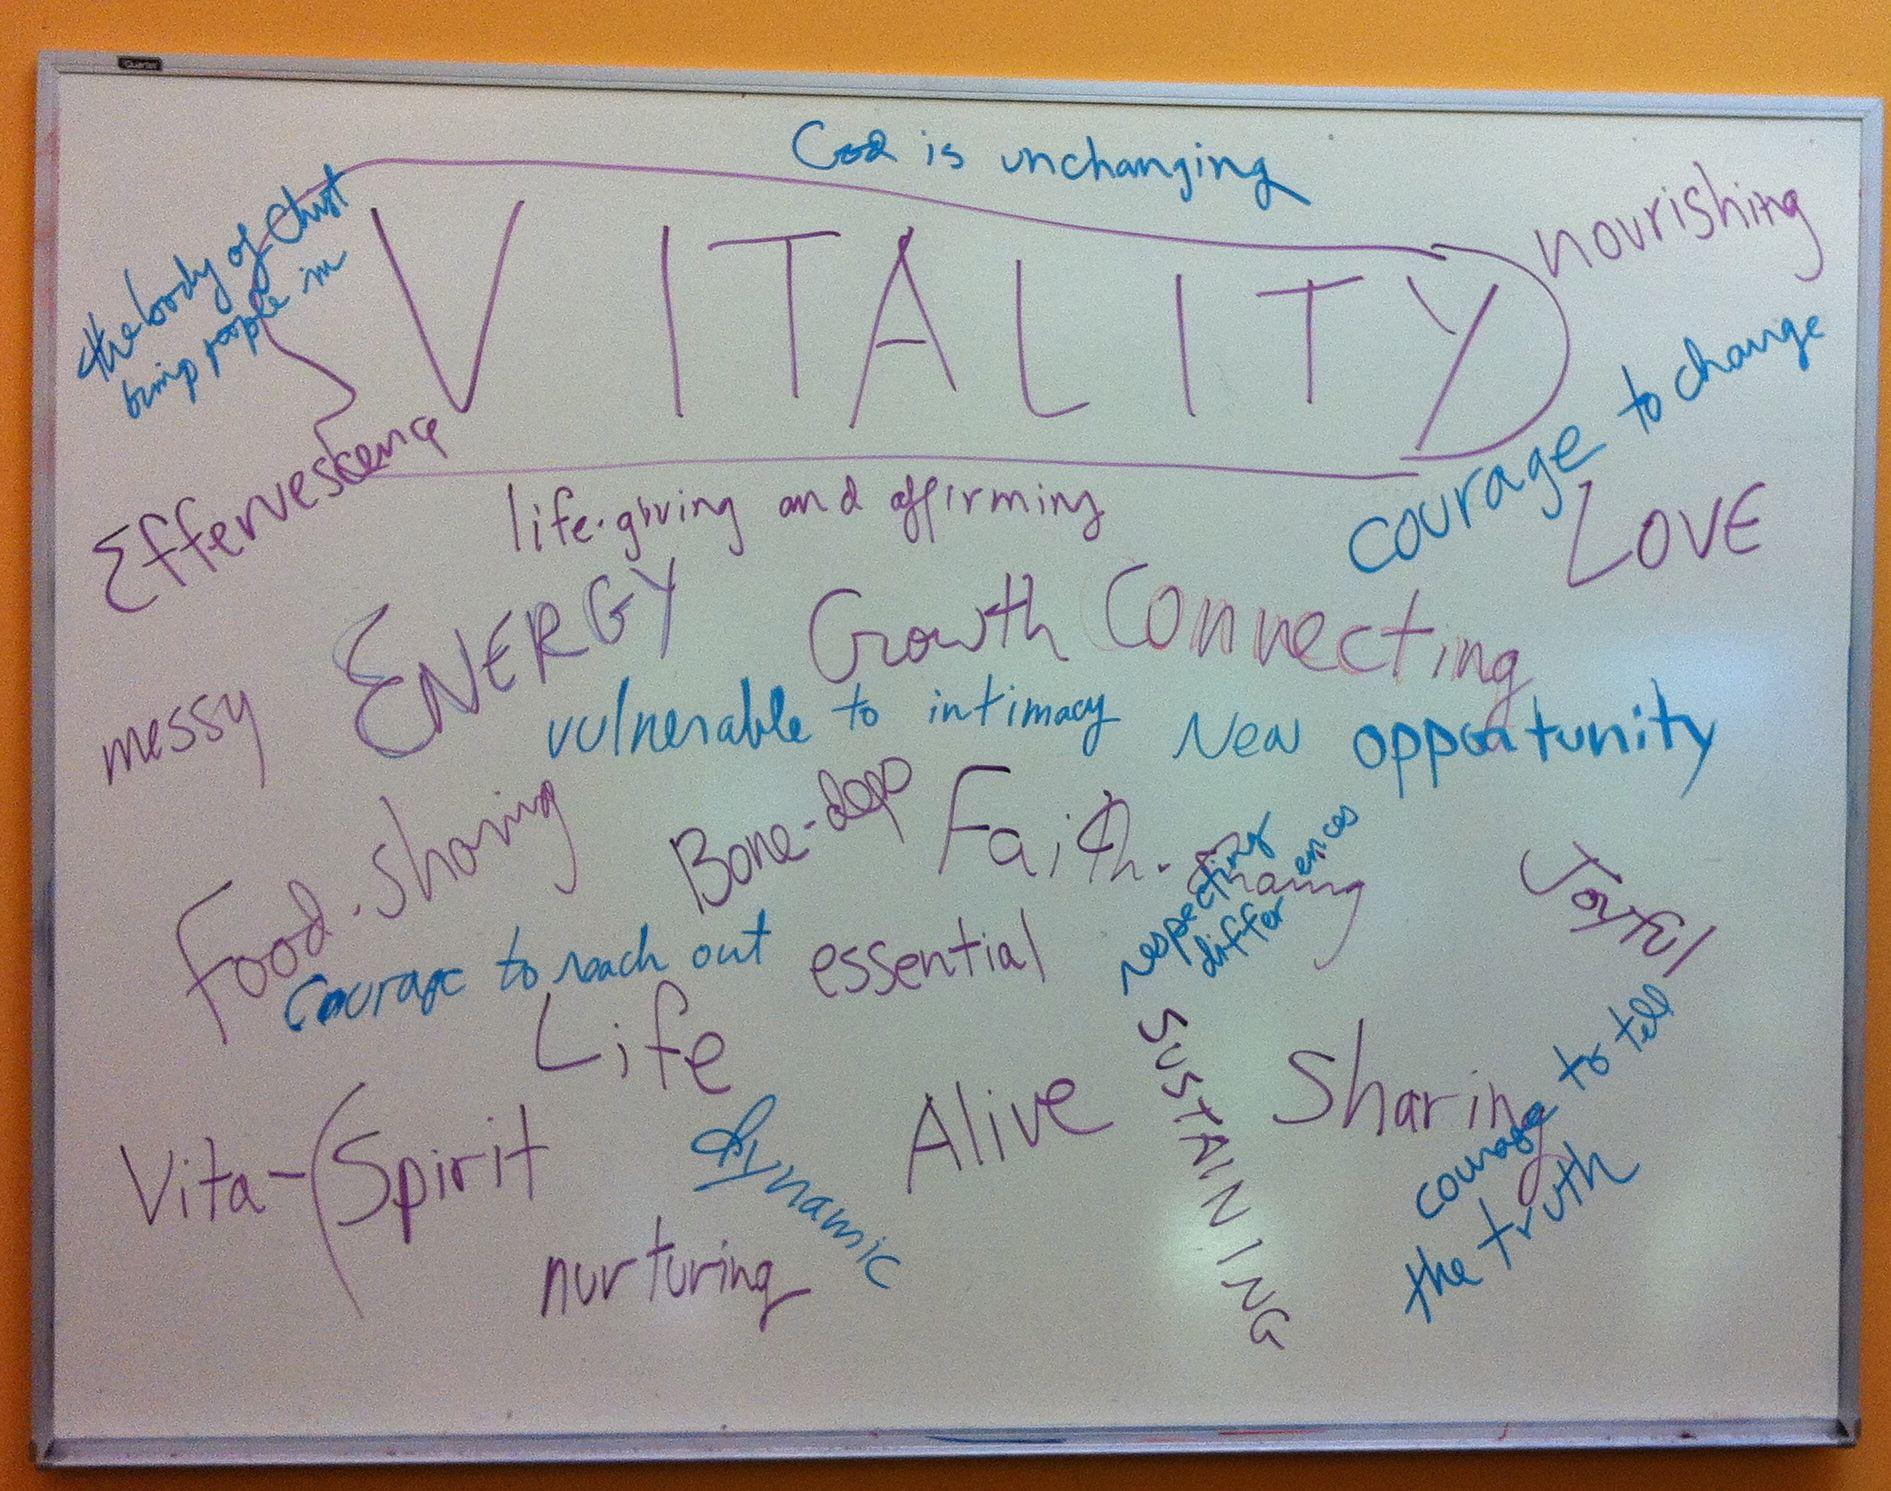 Vitality definition Vitality, Presentation, Spirit